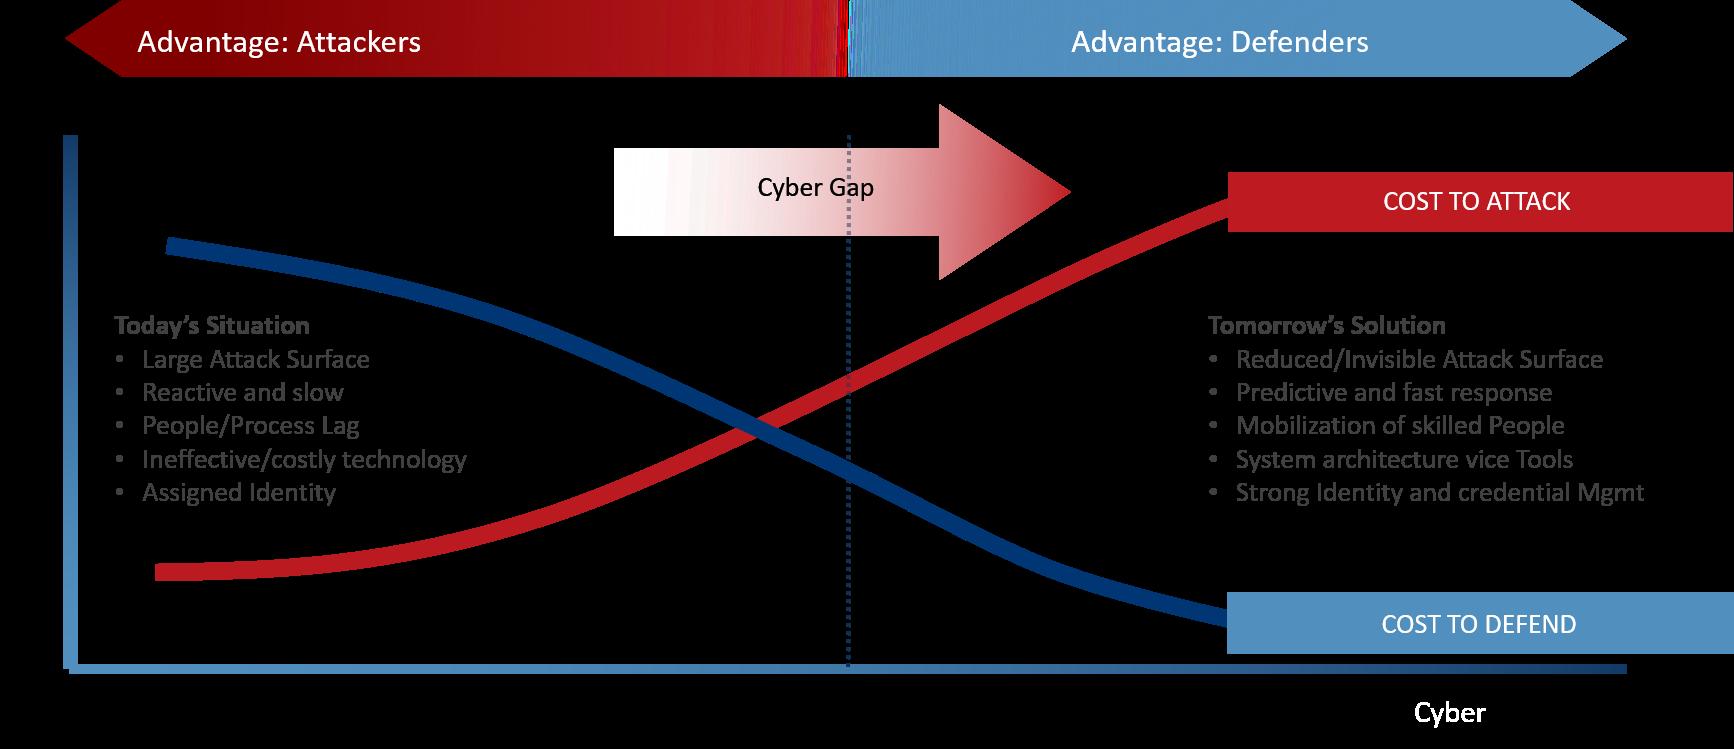 Cyber Advantage